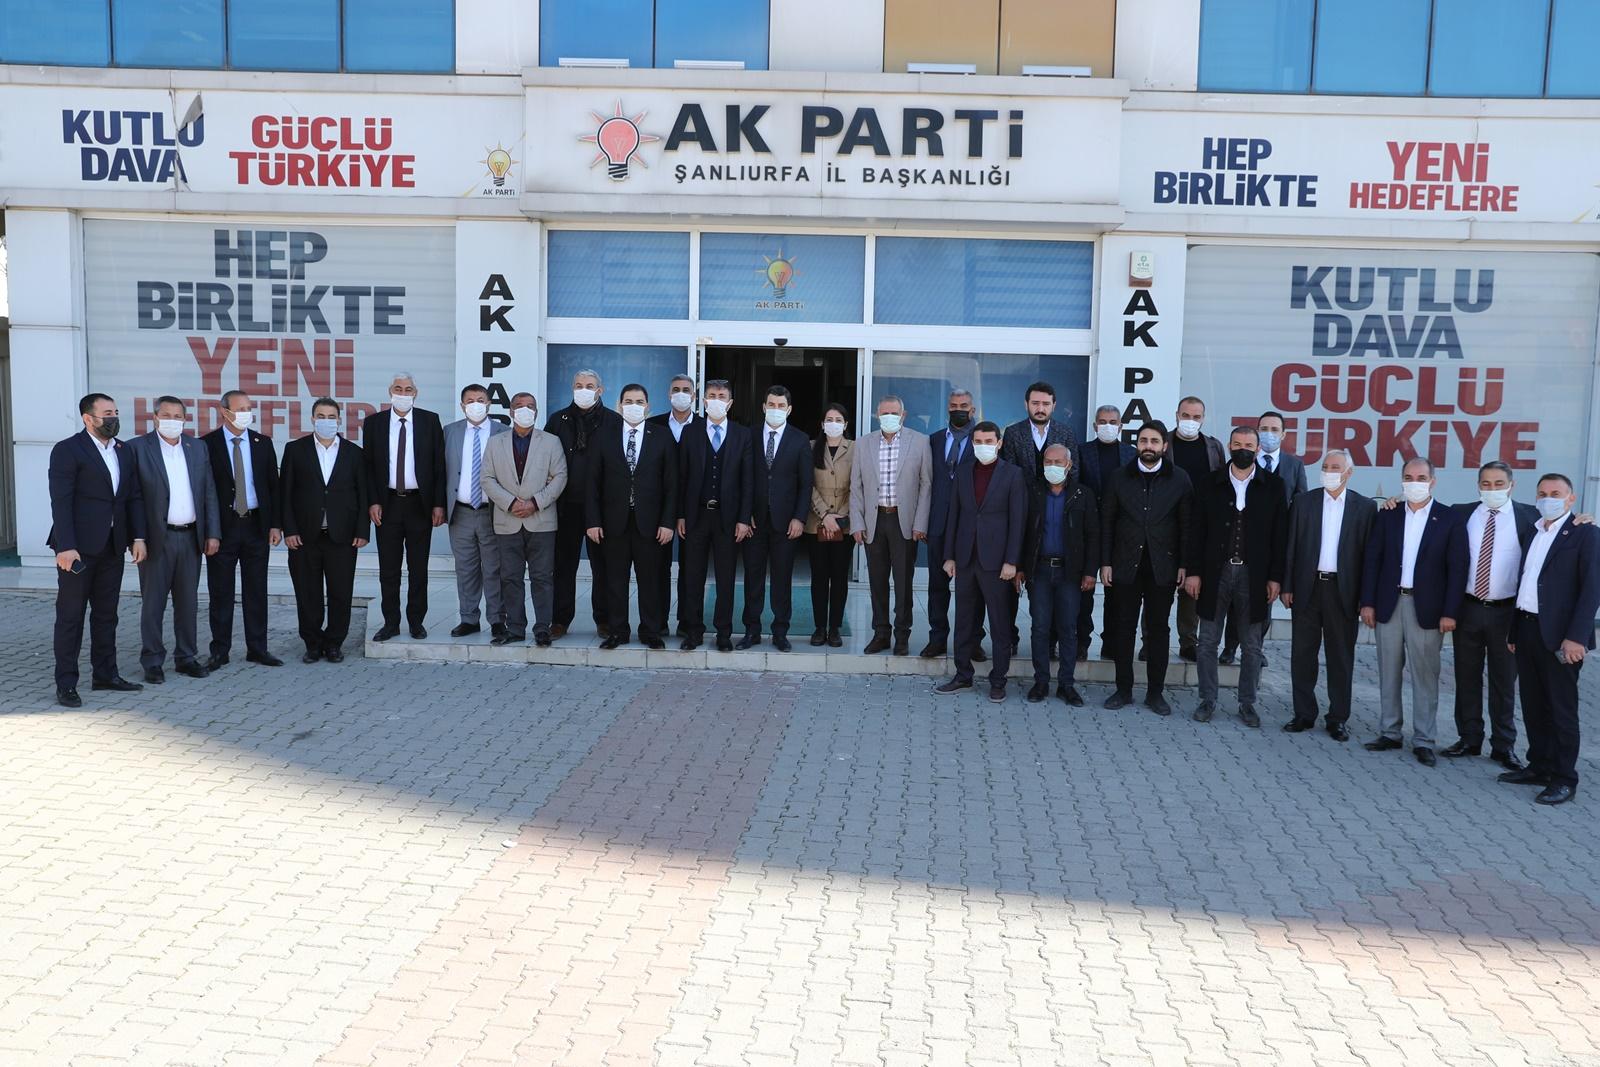 """CANPOLAT'TAN AK PARTİ TEŞKİLATINA """"HAYIRLI OLSUN"""" ZİYARETİ"""